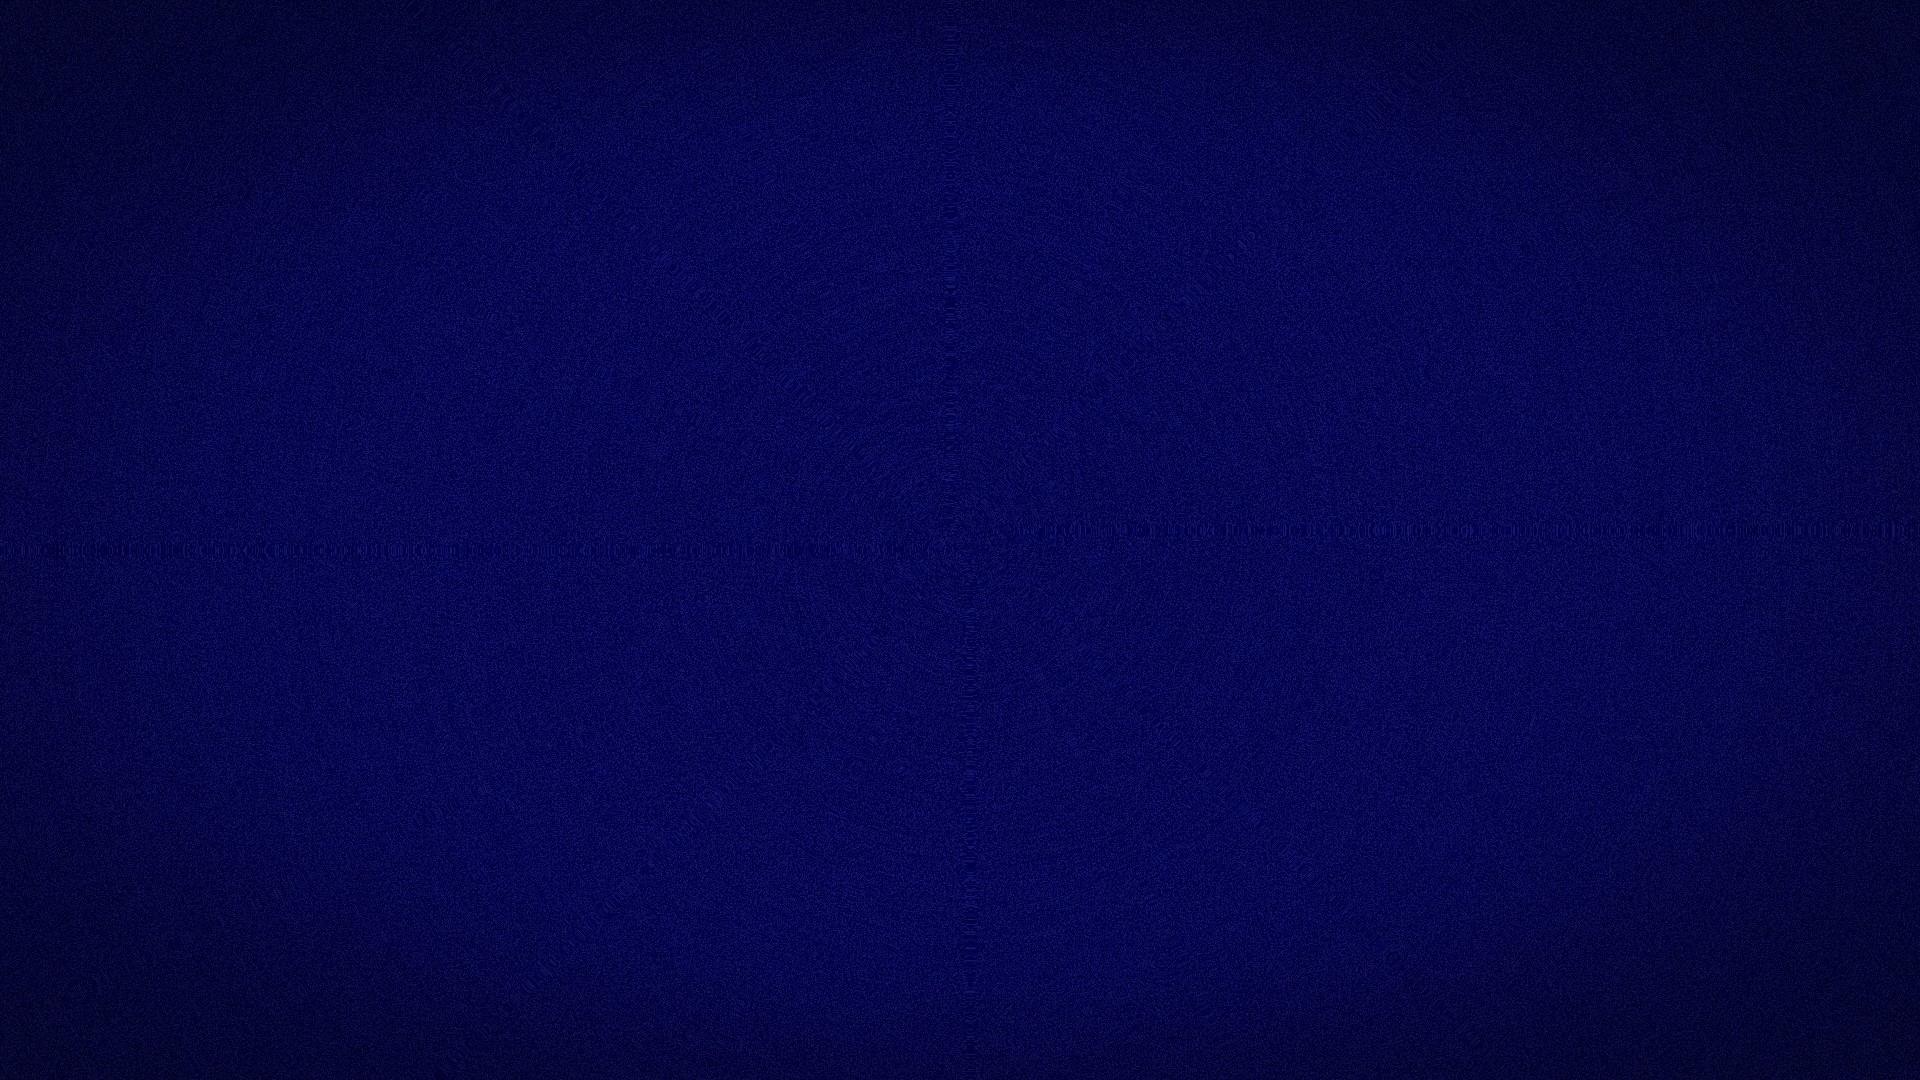 Solid Blue Background #891299 Black Wallpaper #753253 Black Wallpaper .